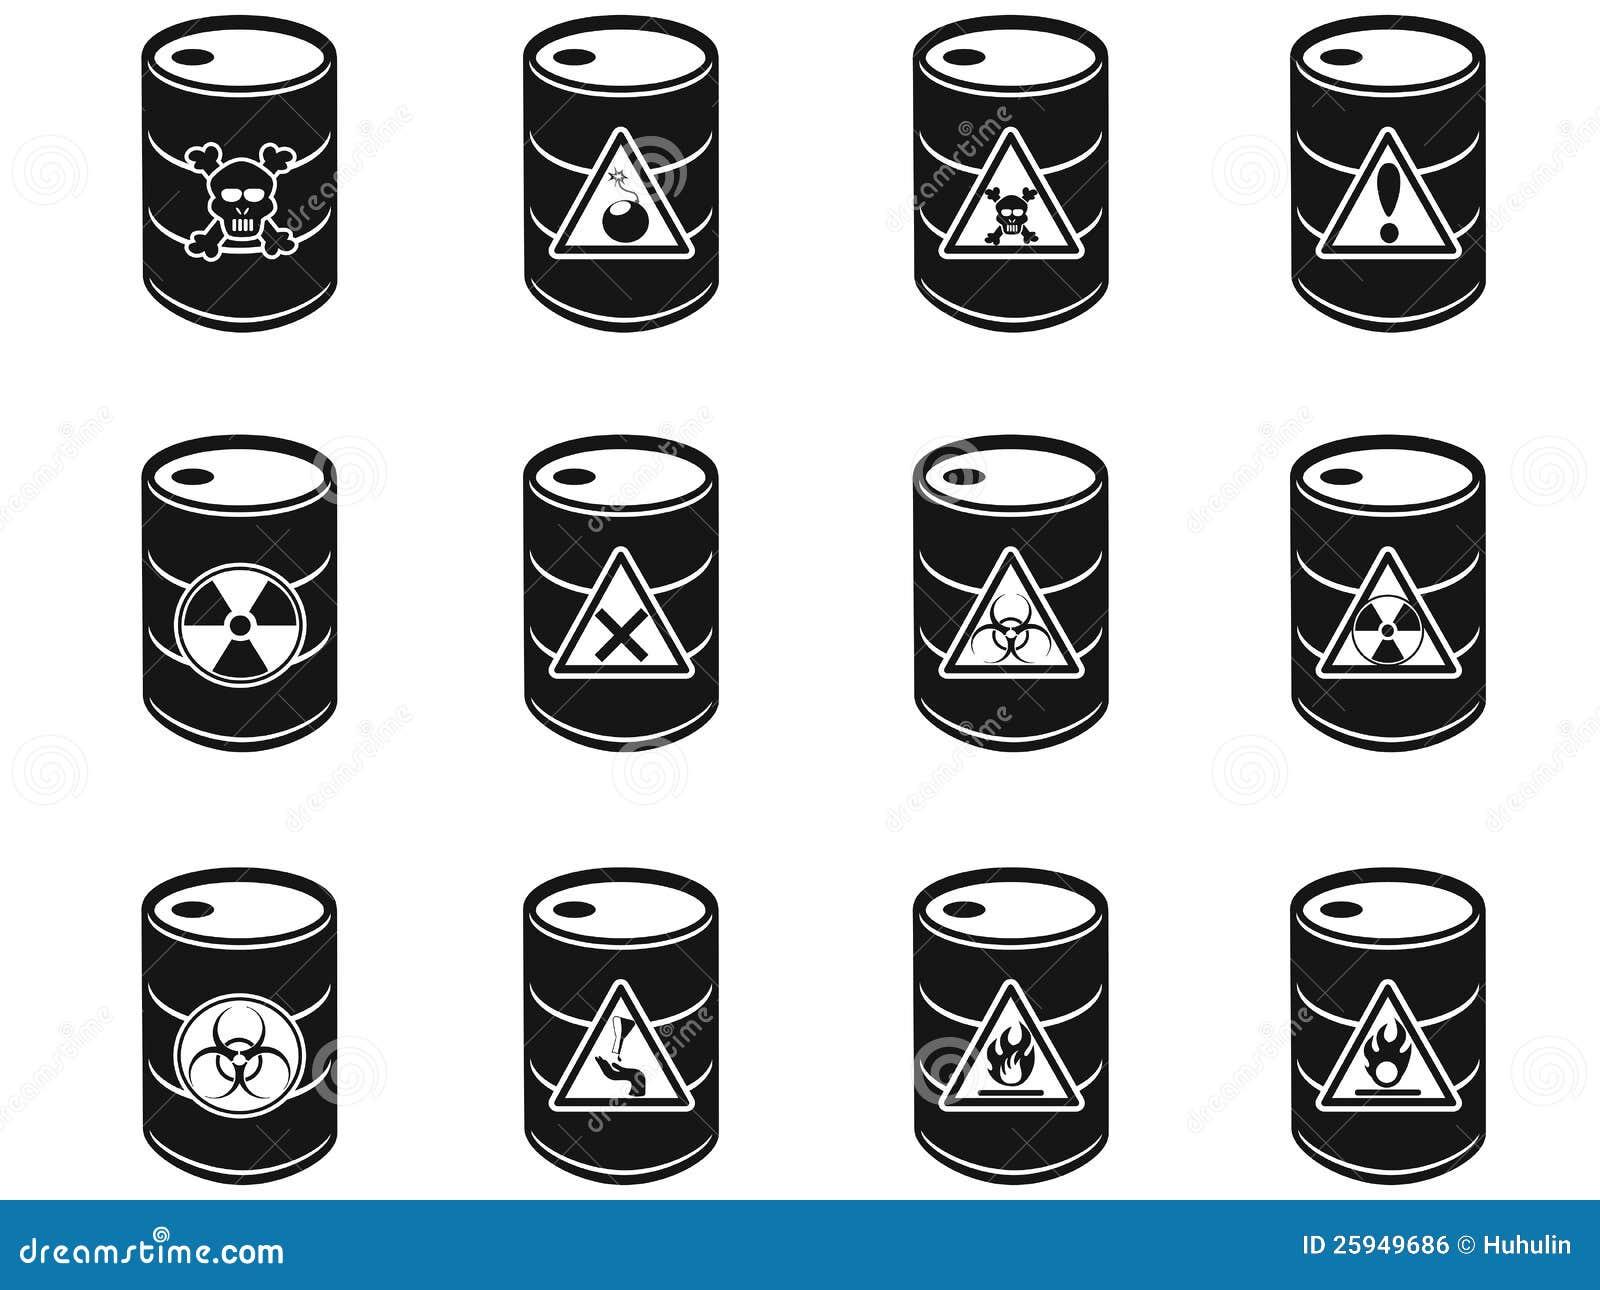 Toxic Hazardous Waste Barrels Icon Royalty Free Stock